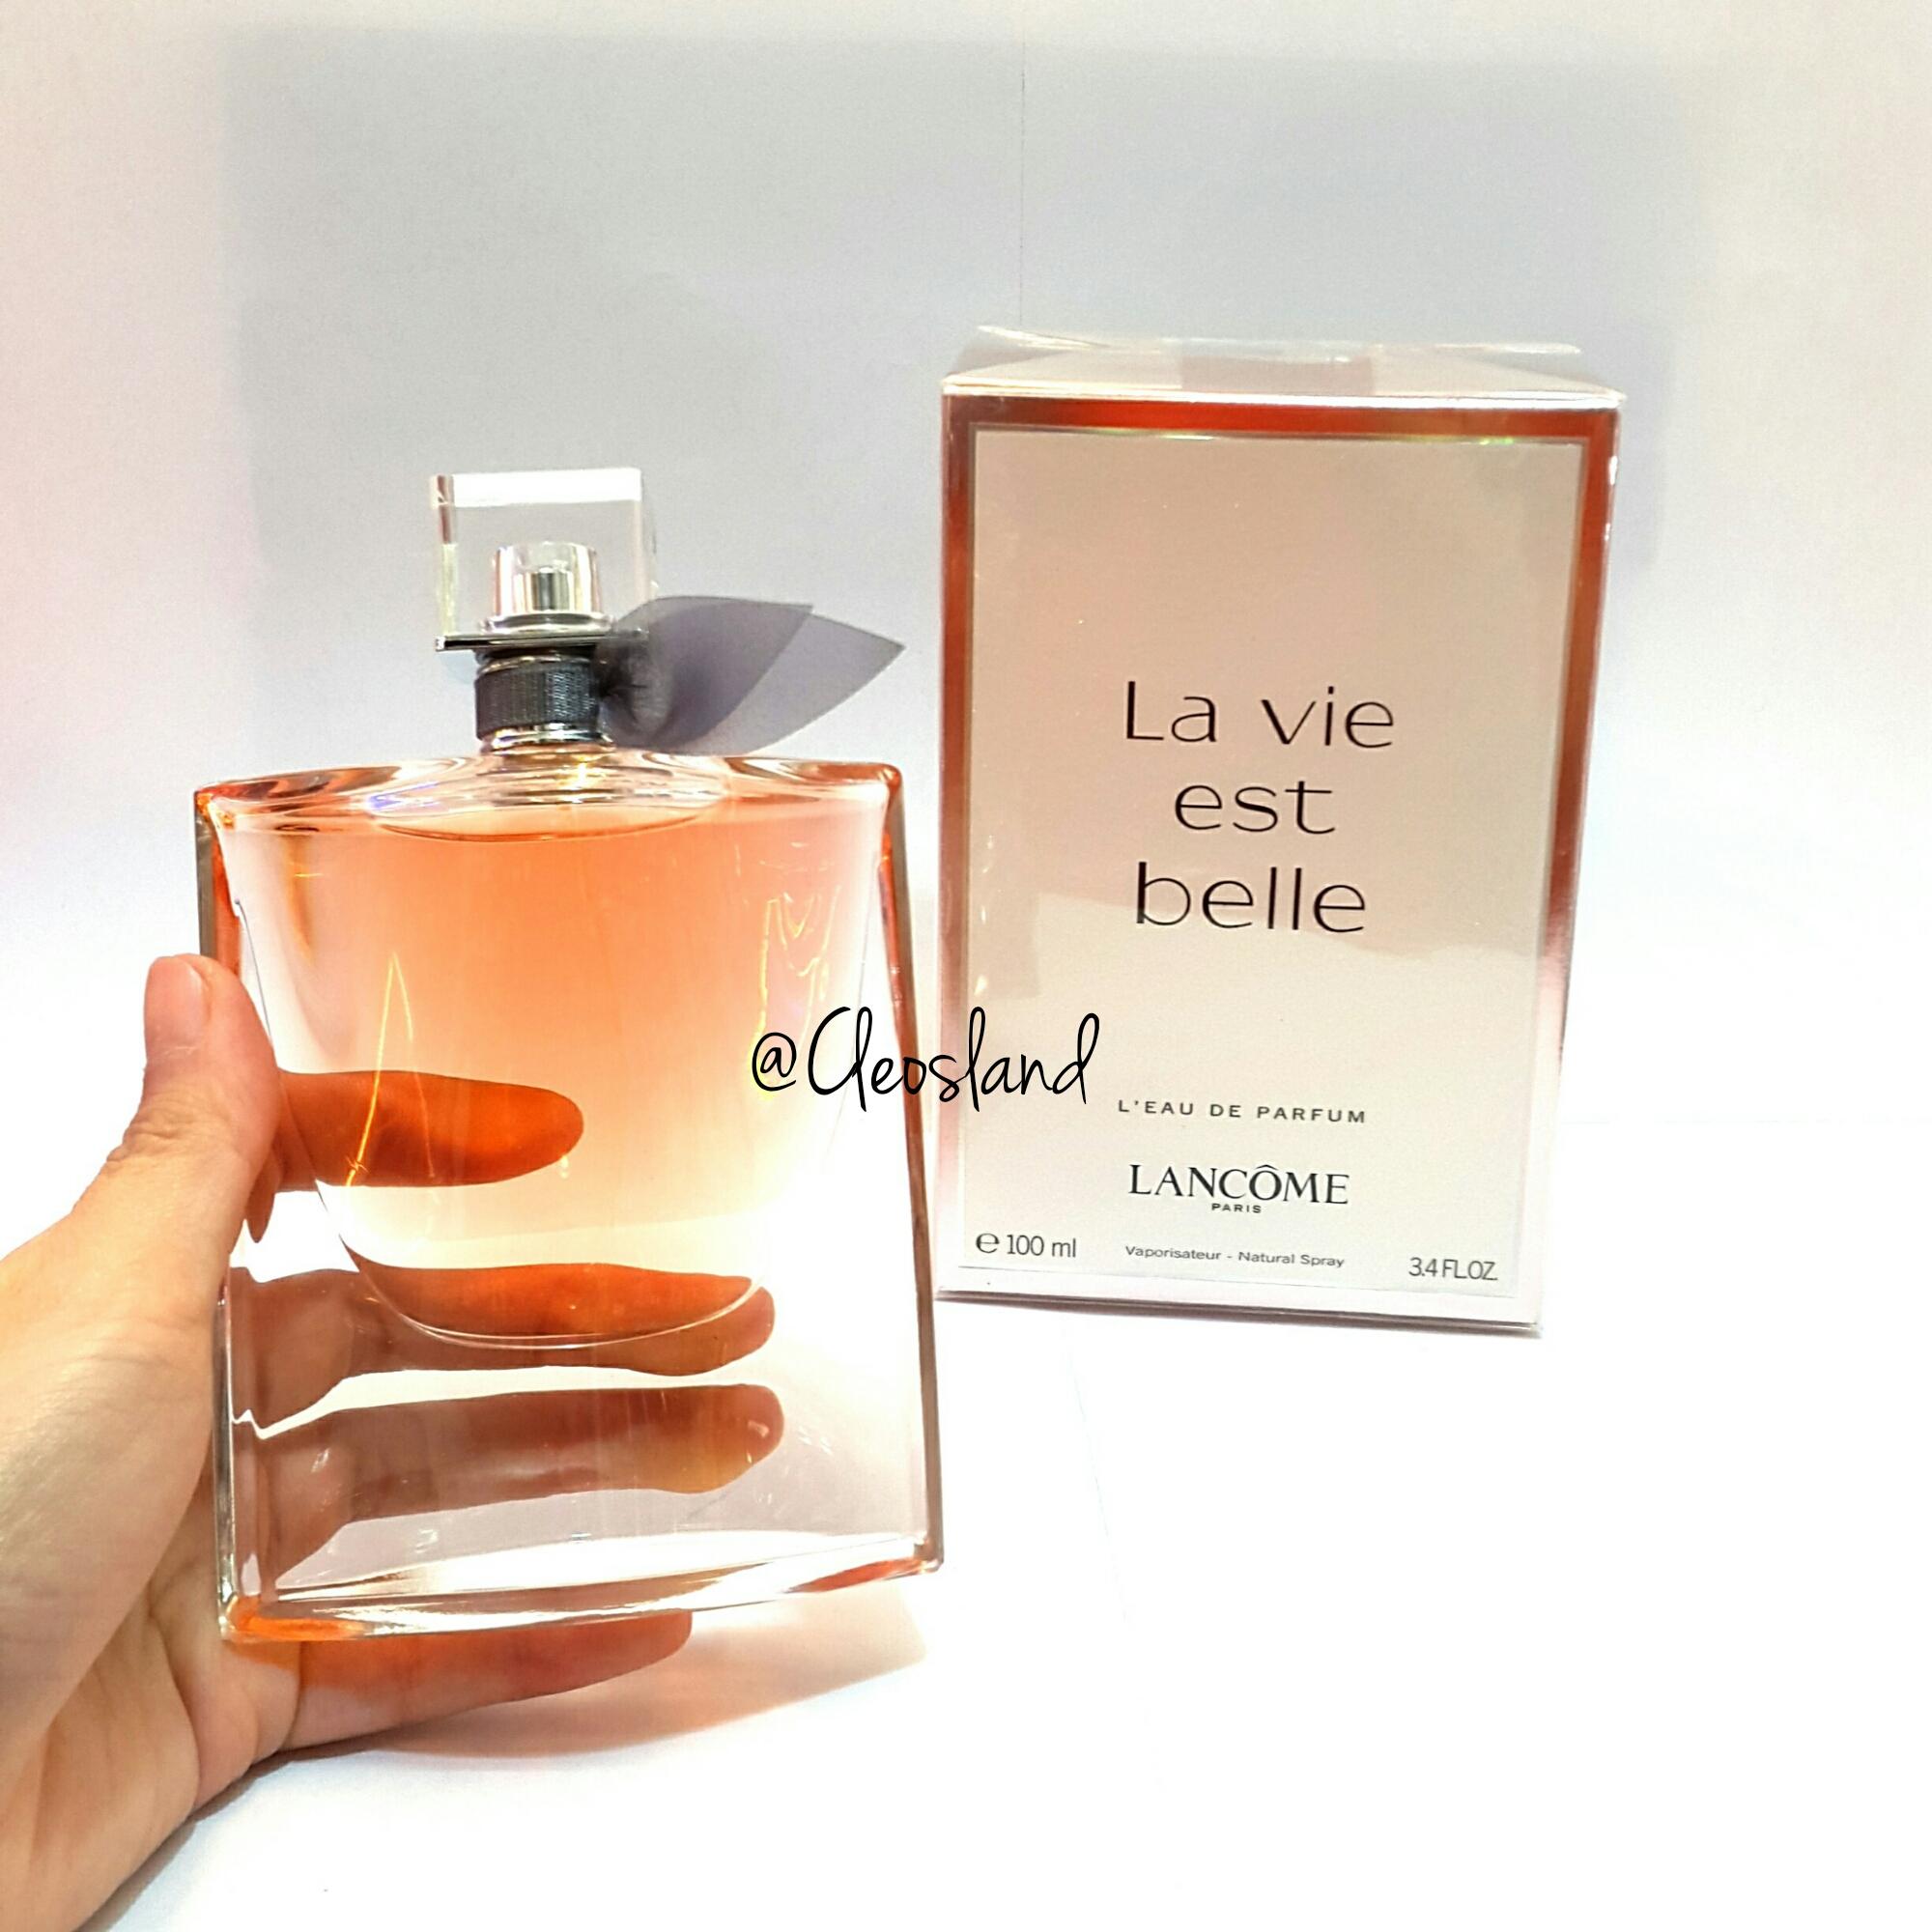 100ml Est Edp Belle Parfum Batam Lancome Kota Vie Original Jual La eEHY9IDW2